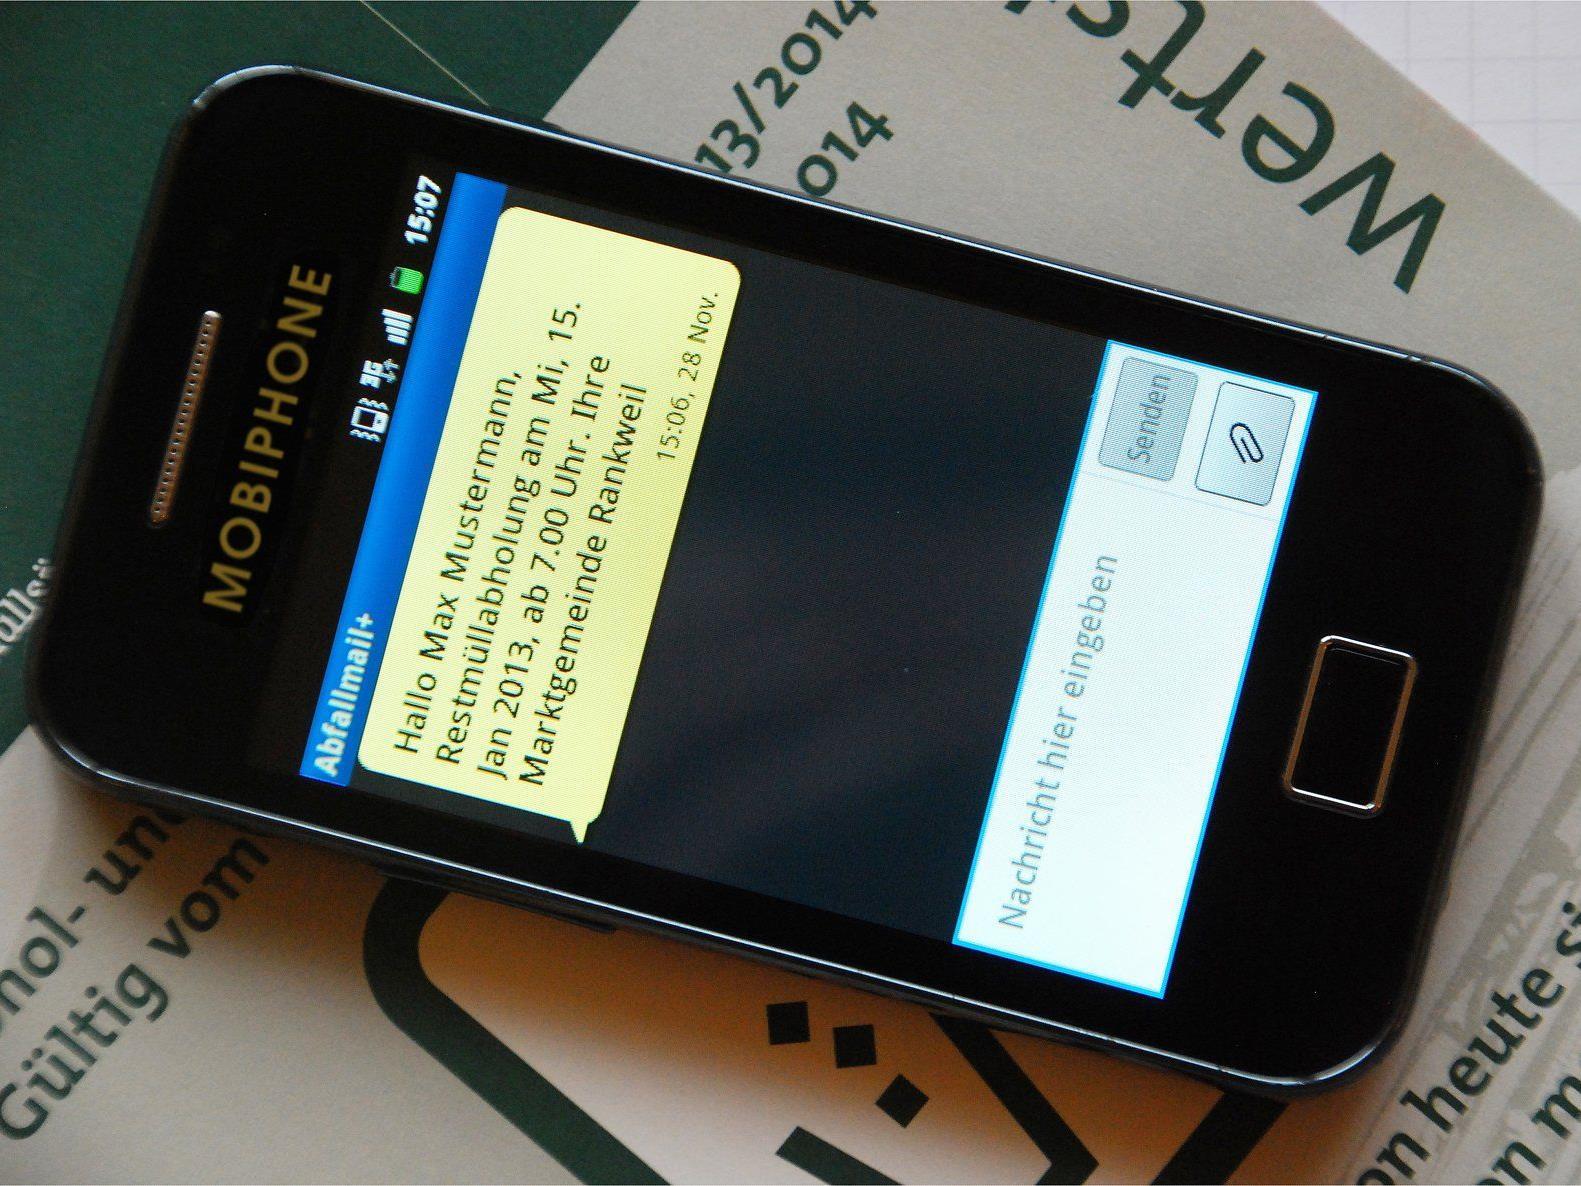 Abfall-Erinnerung per SMS oder E-Mail: Ab sofort für alle Haushalte in Rankweil verfügbar.